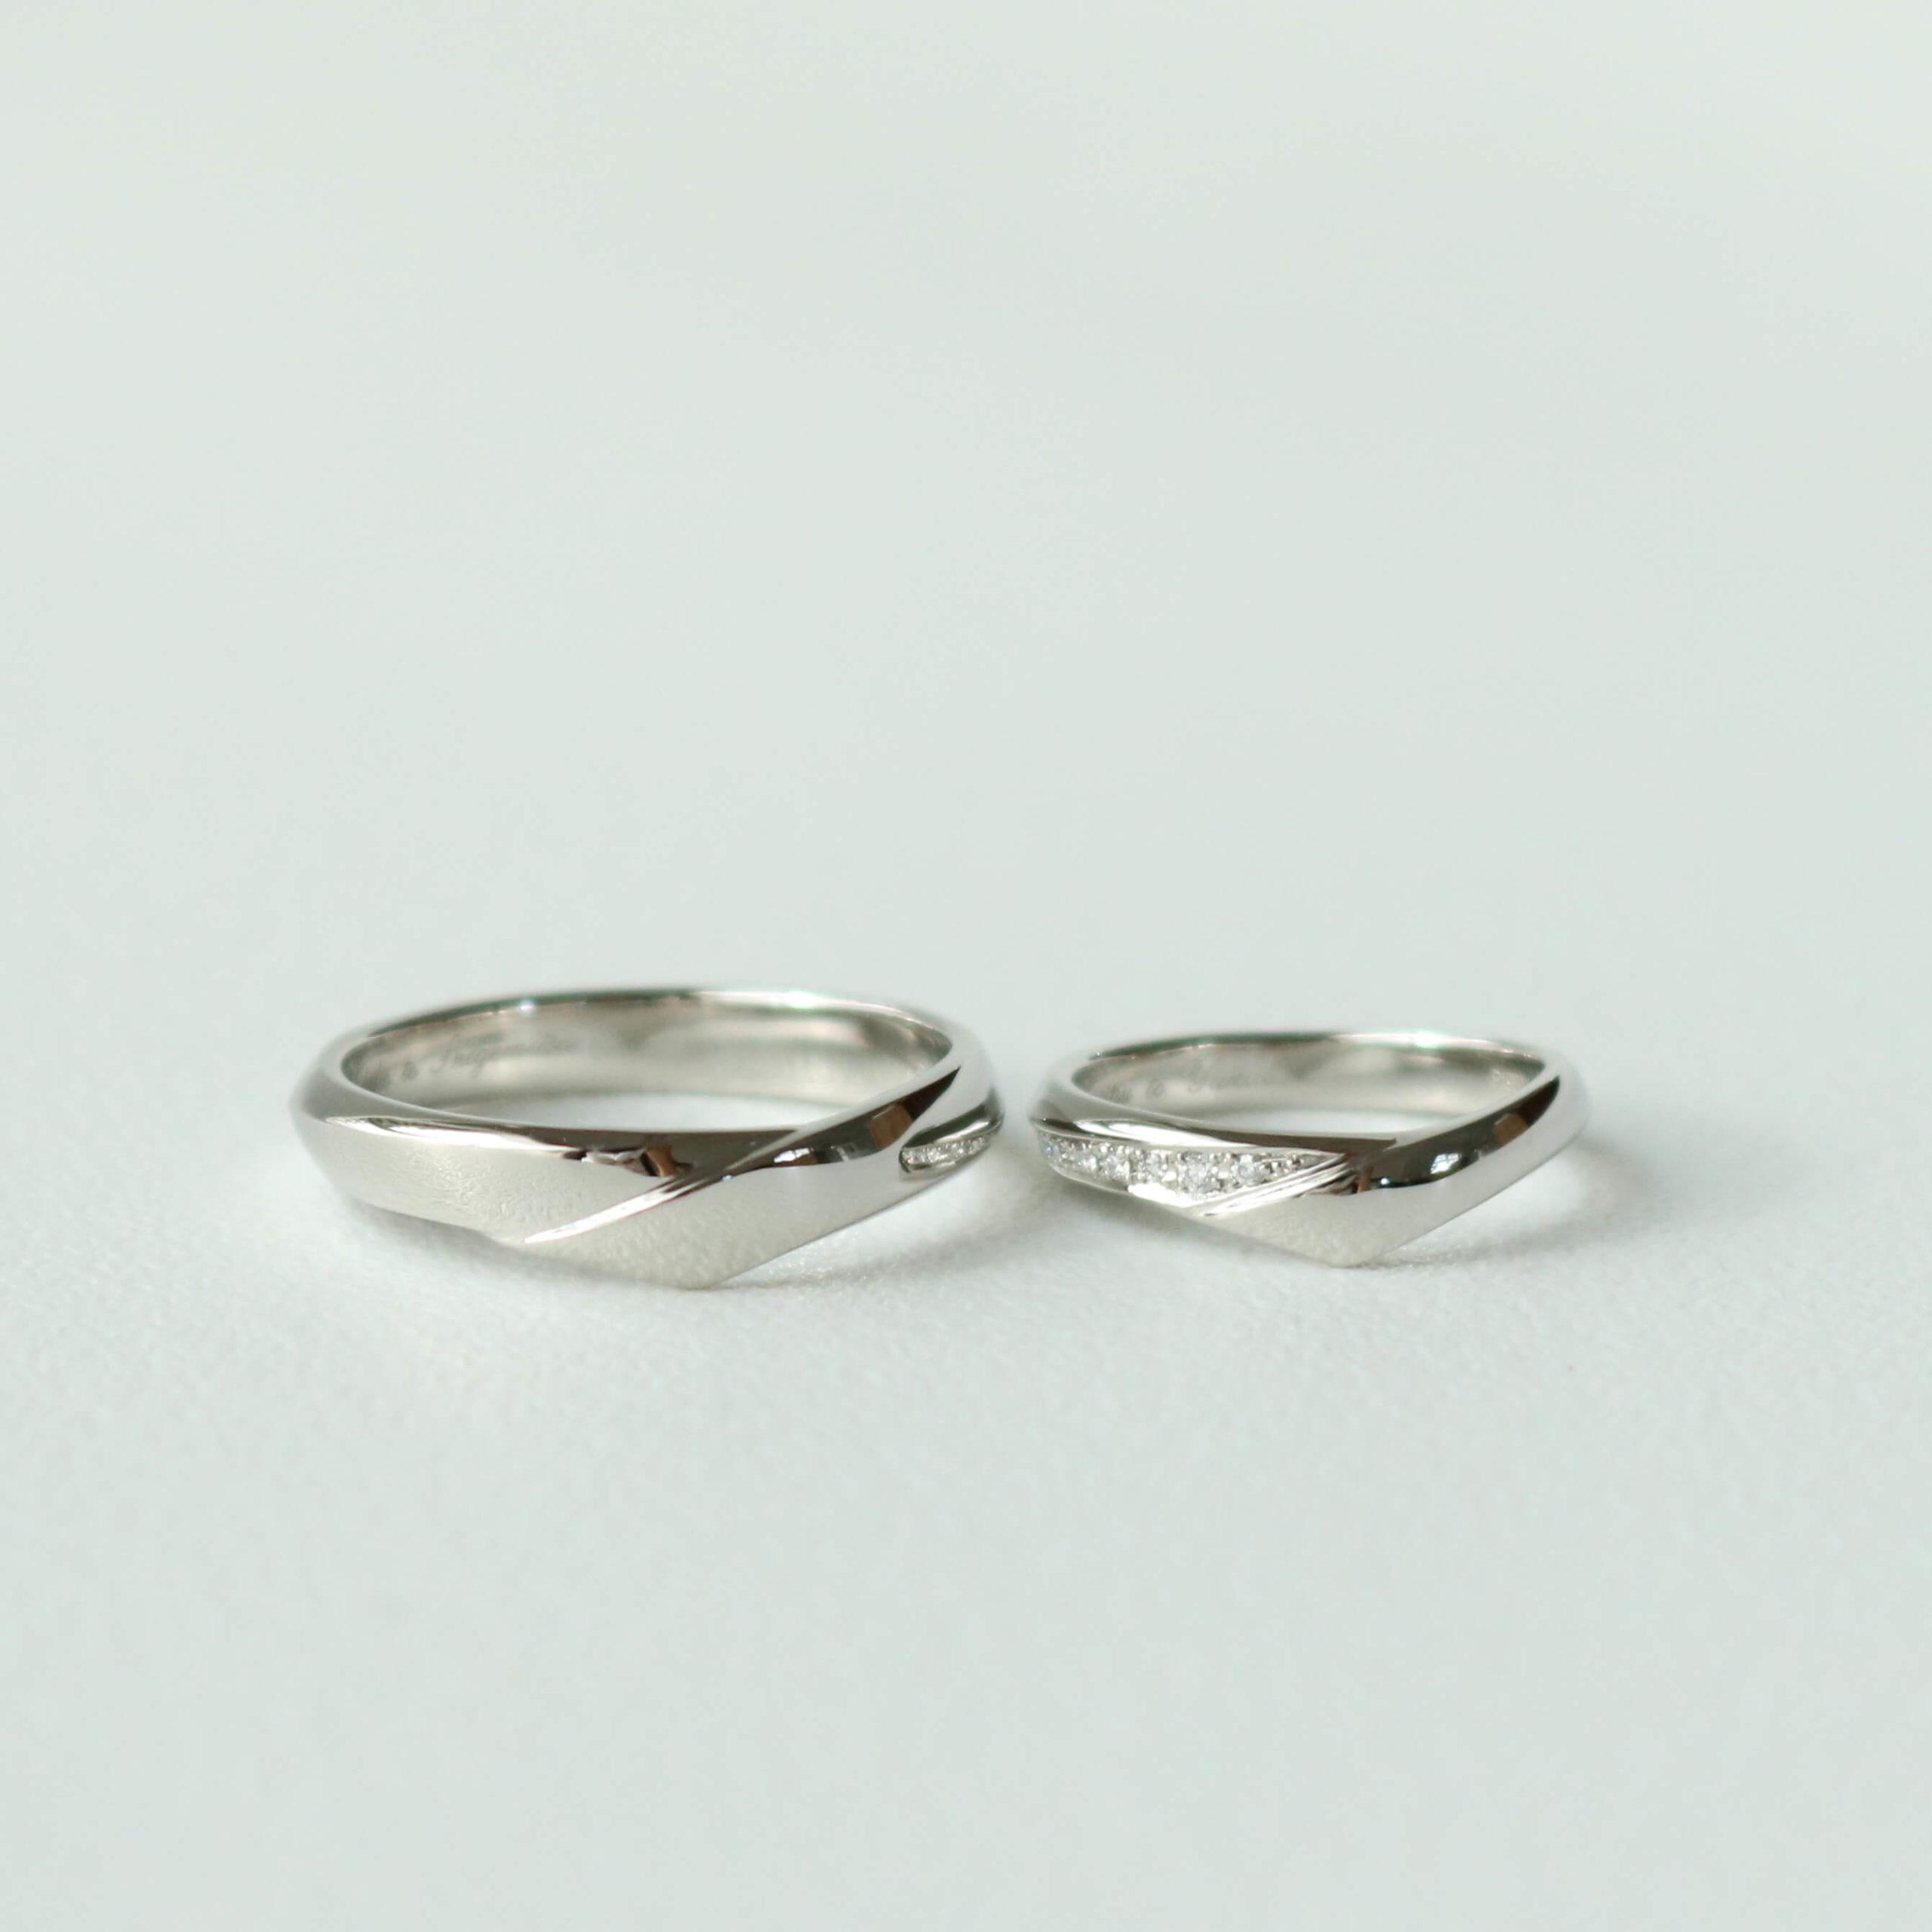 それぞれのこだわりが詰まった、お揃いの結婚指輪